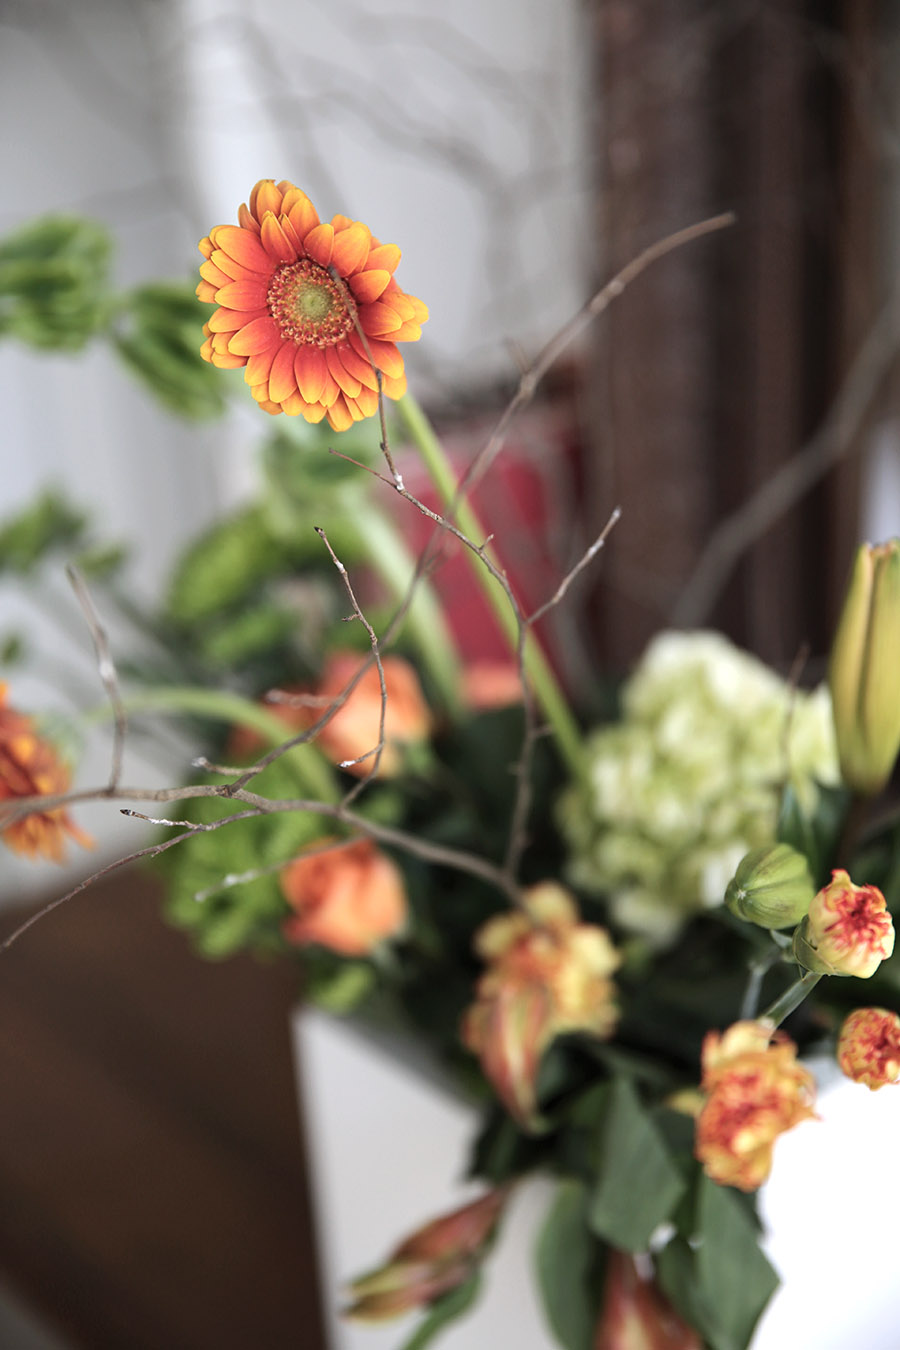 Grocery Store Flowers 10.jpg